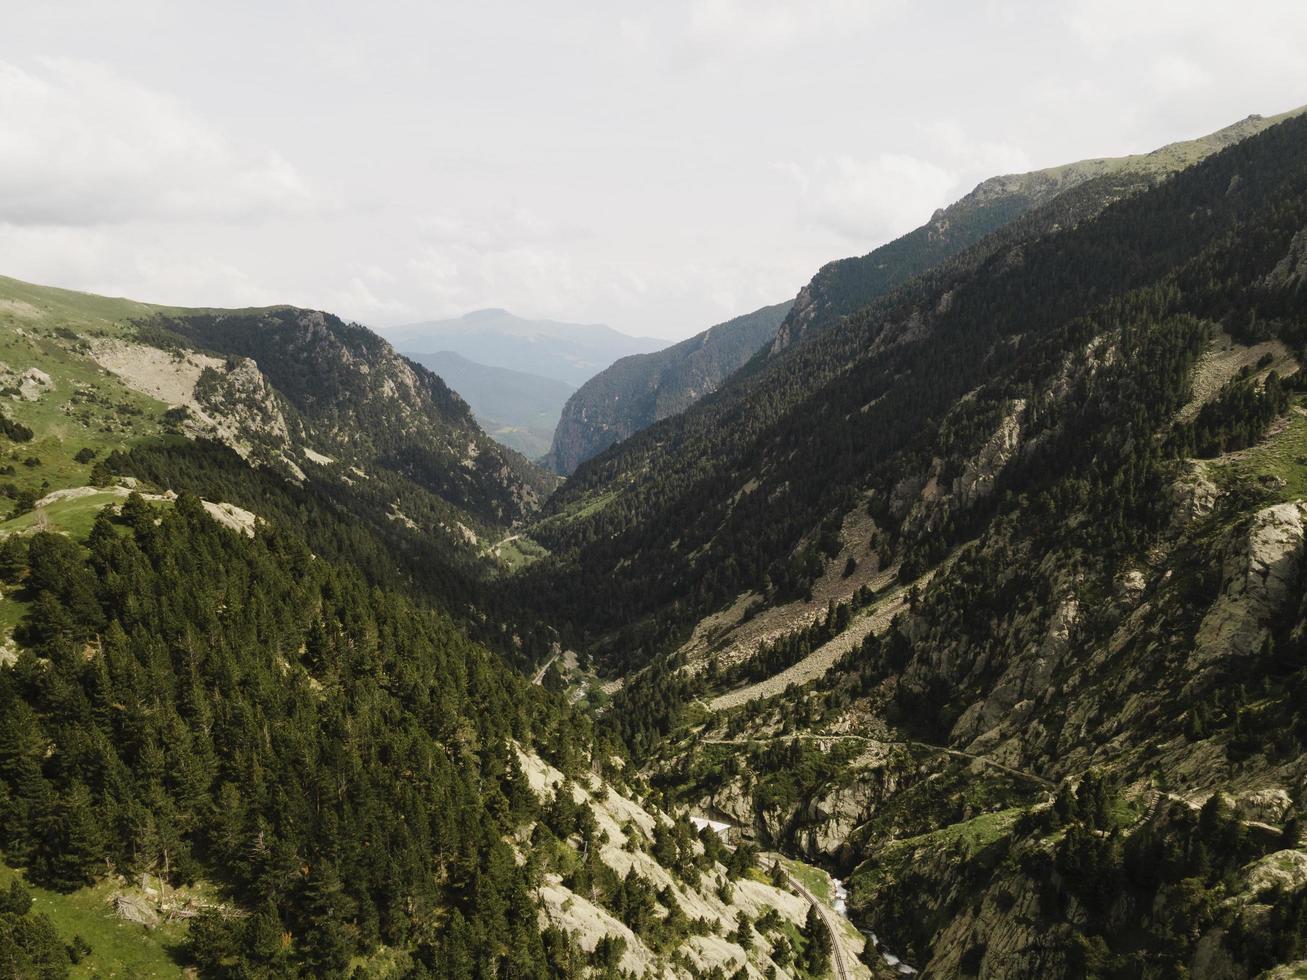 la belle vue sur le paysage de montagne photo